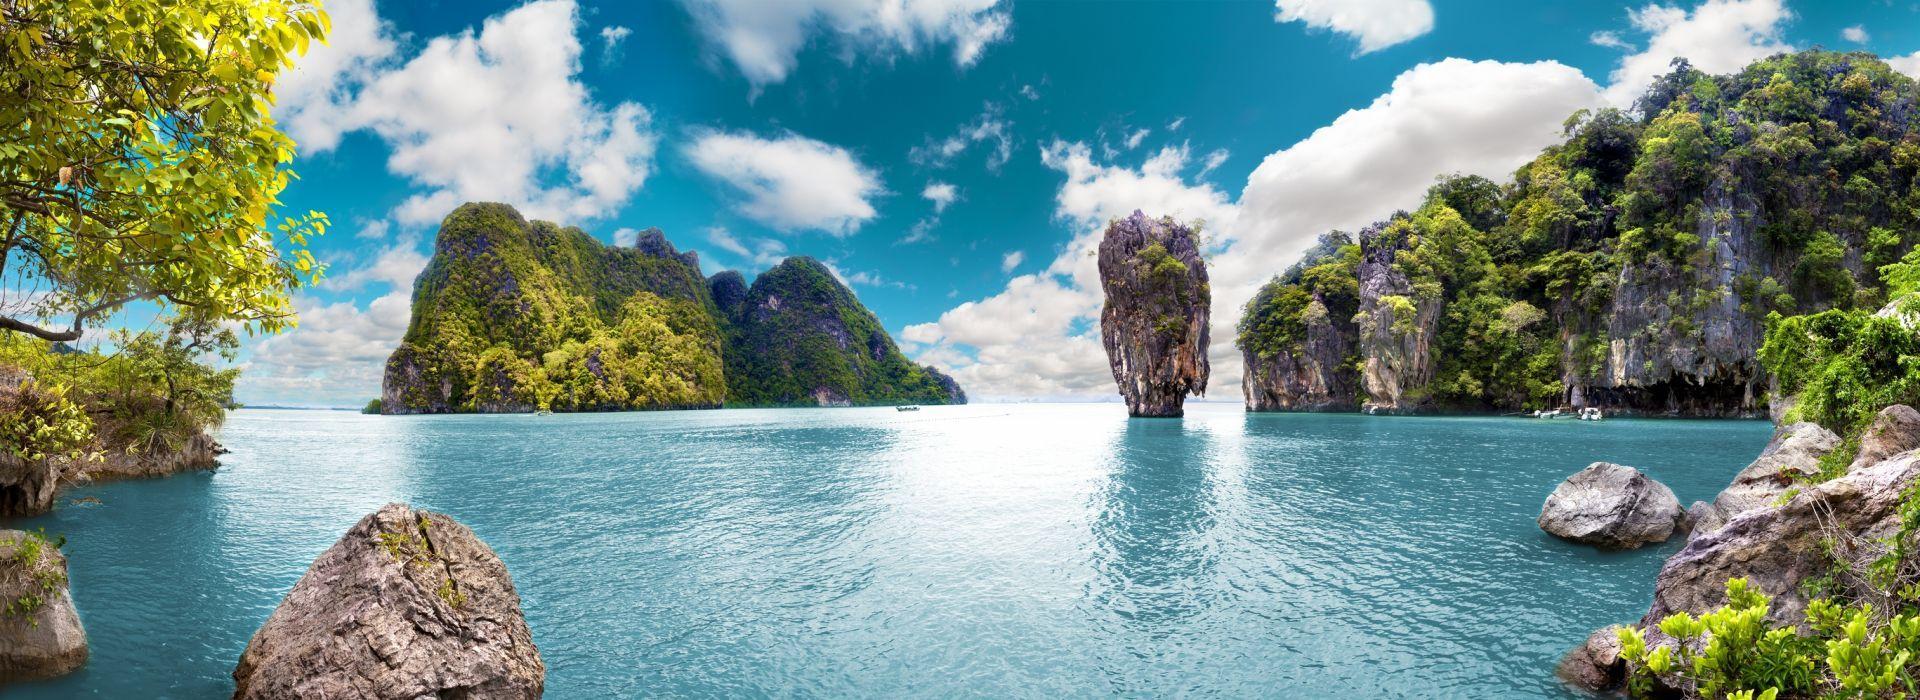 Local boat rides Tours in Koh Phangan